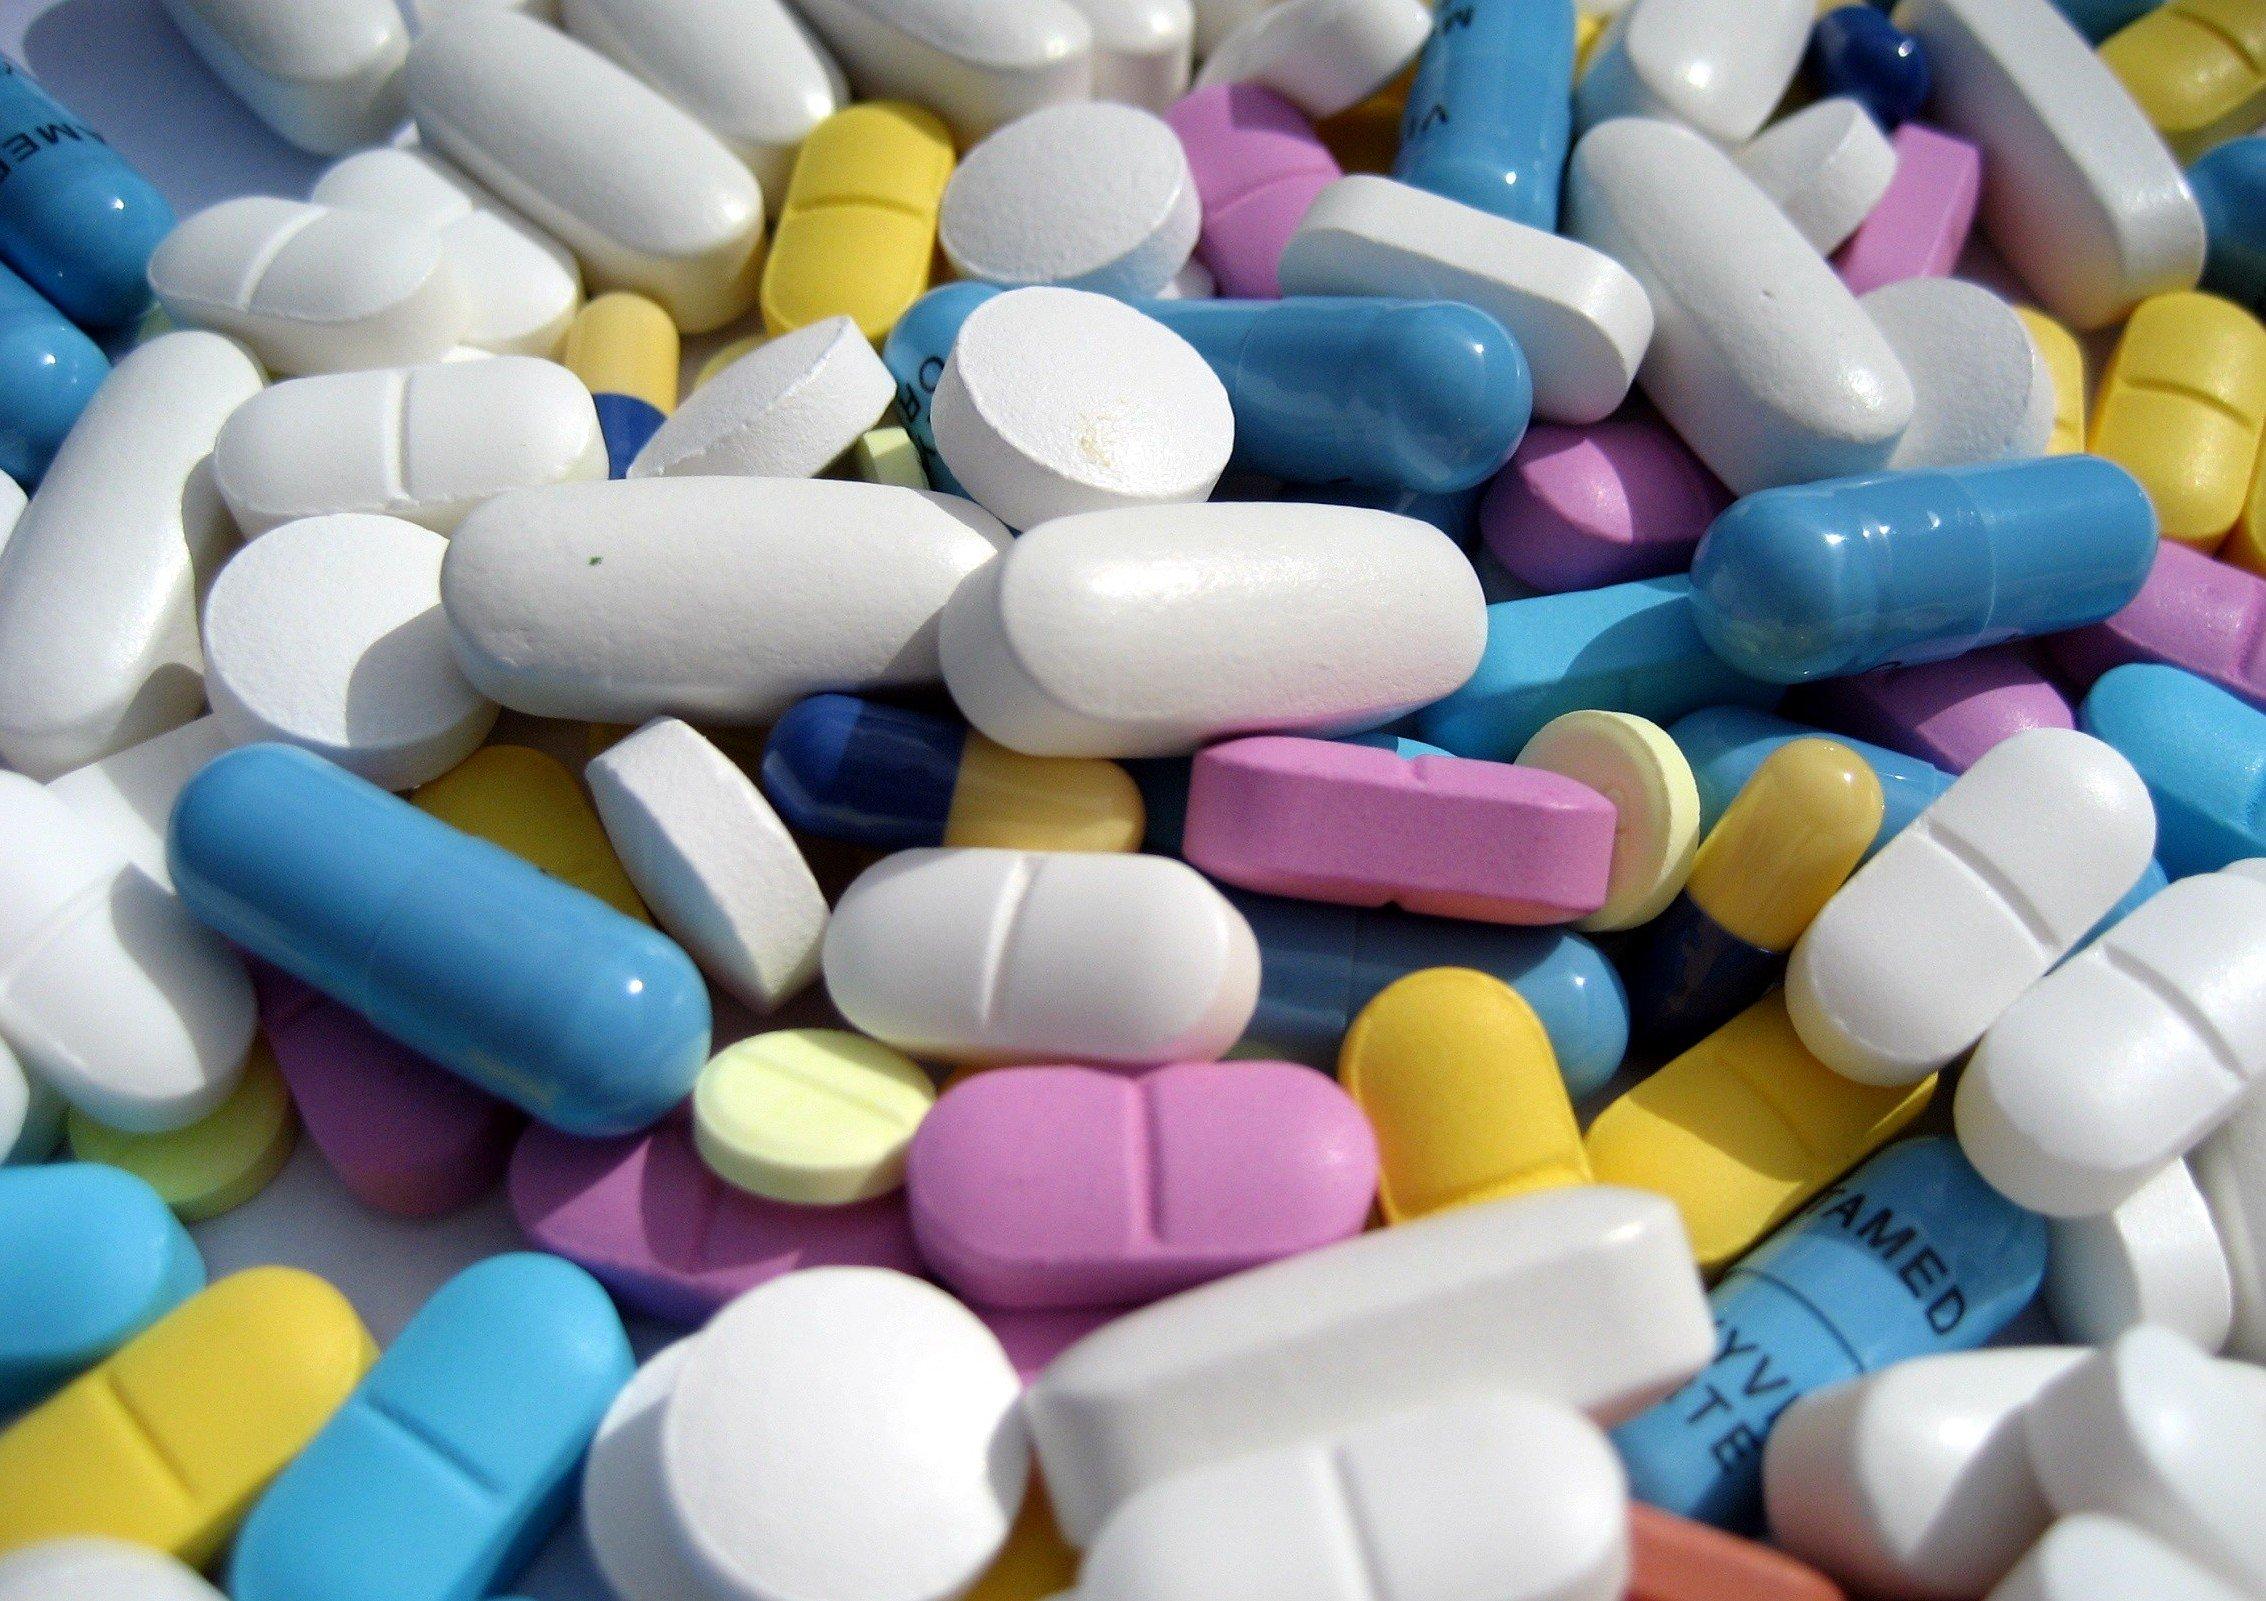 В России готовы законодательно разрешить онлайн-продажу рецептурных лекарств